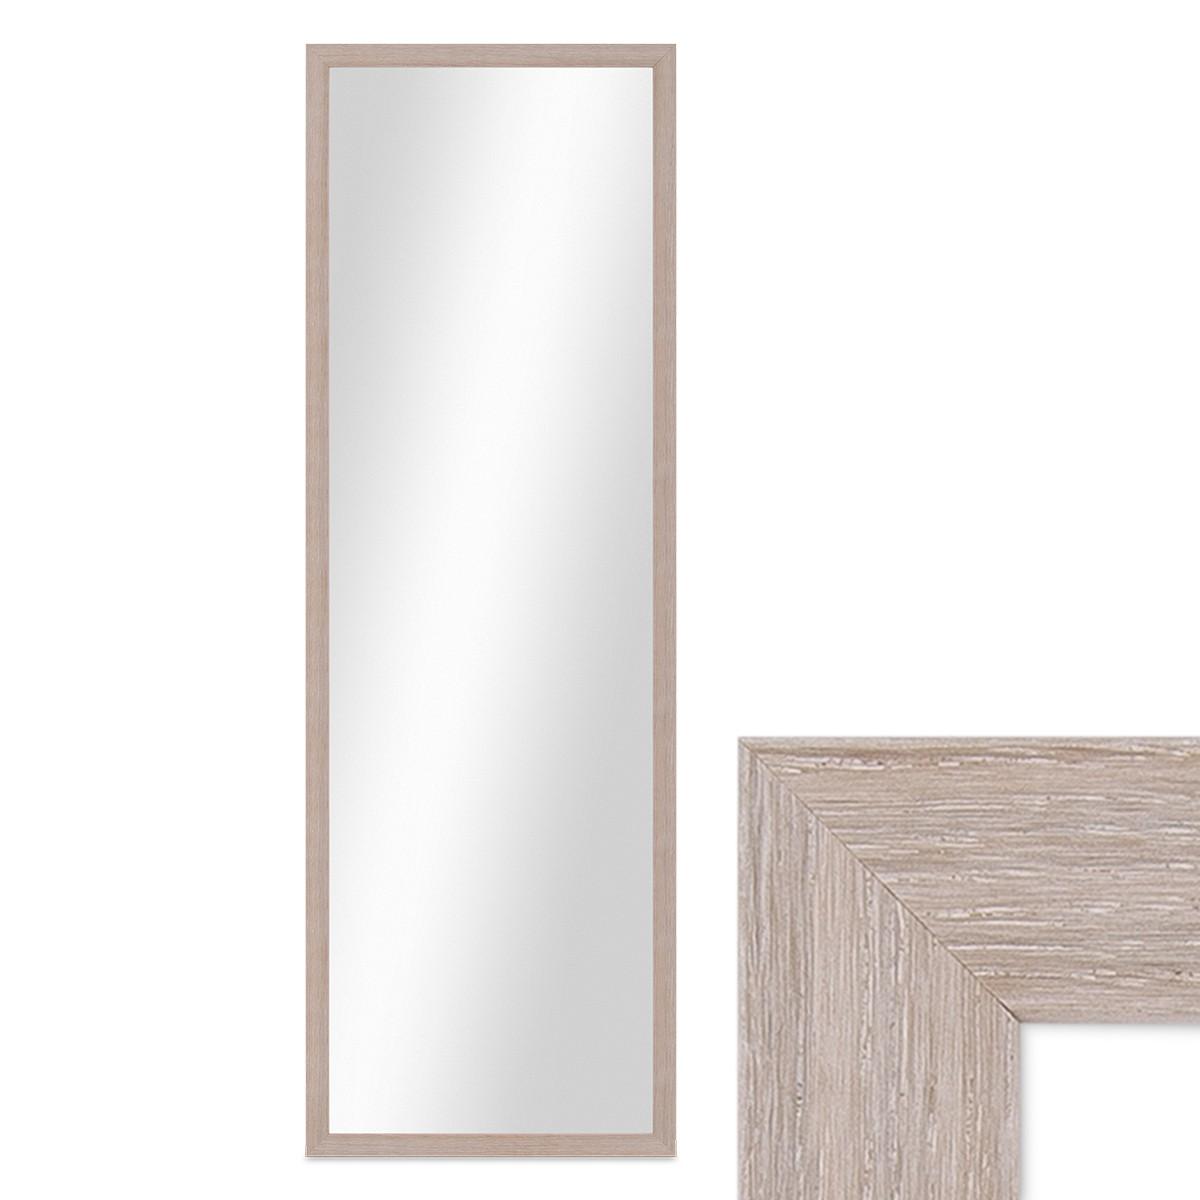 Wand spiegel 33x93 cm im holzrahmen sonoma eiche hell - Spiegel holzrahmen eiche ...